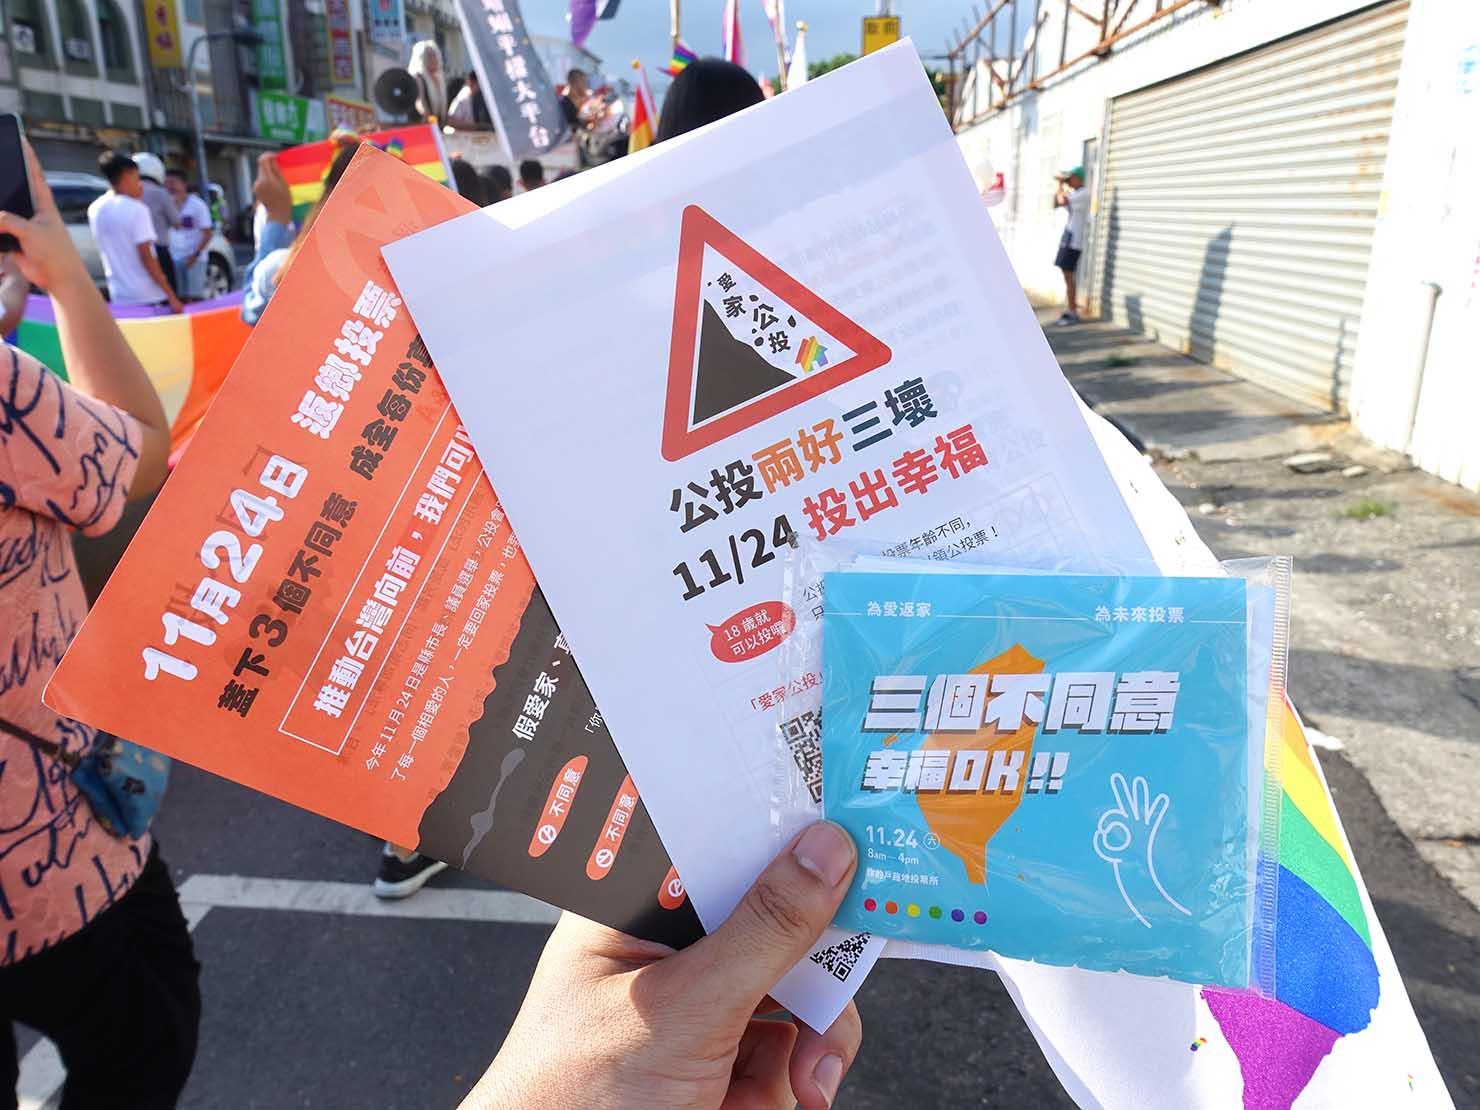 花東彩虹嘉年華(台湾東部LGBTプライド / 台東場)で配布されたフライヤー